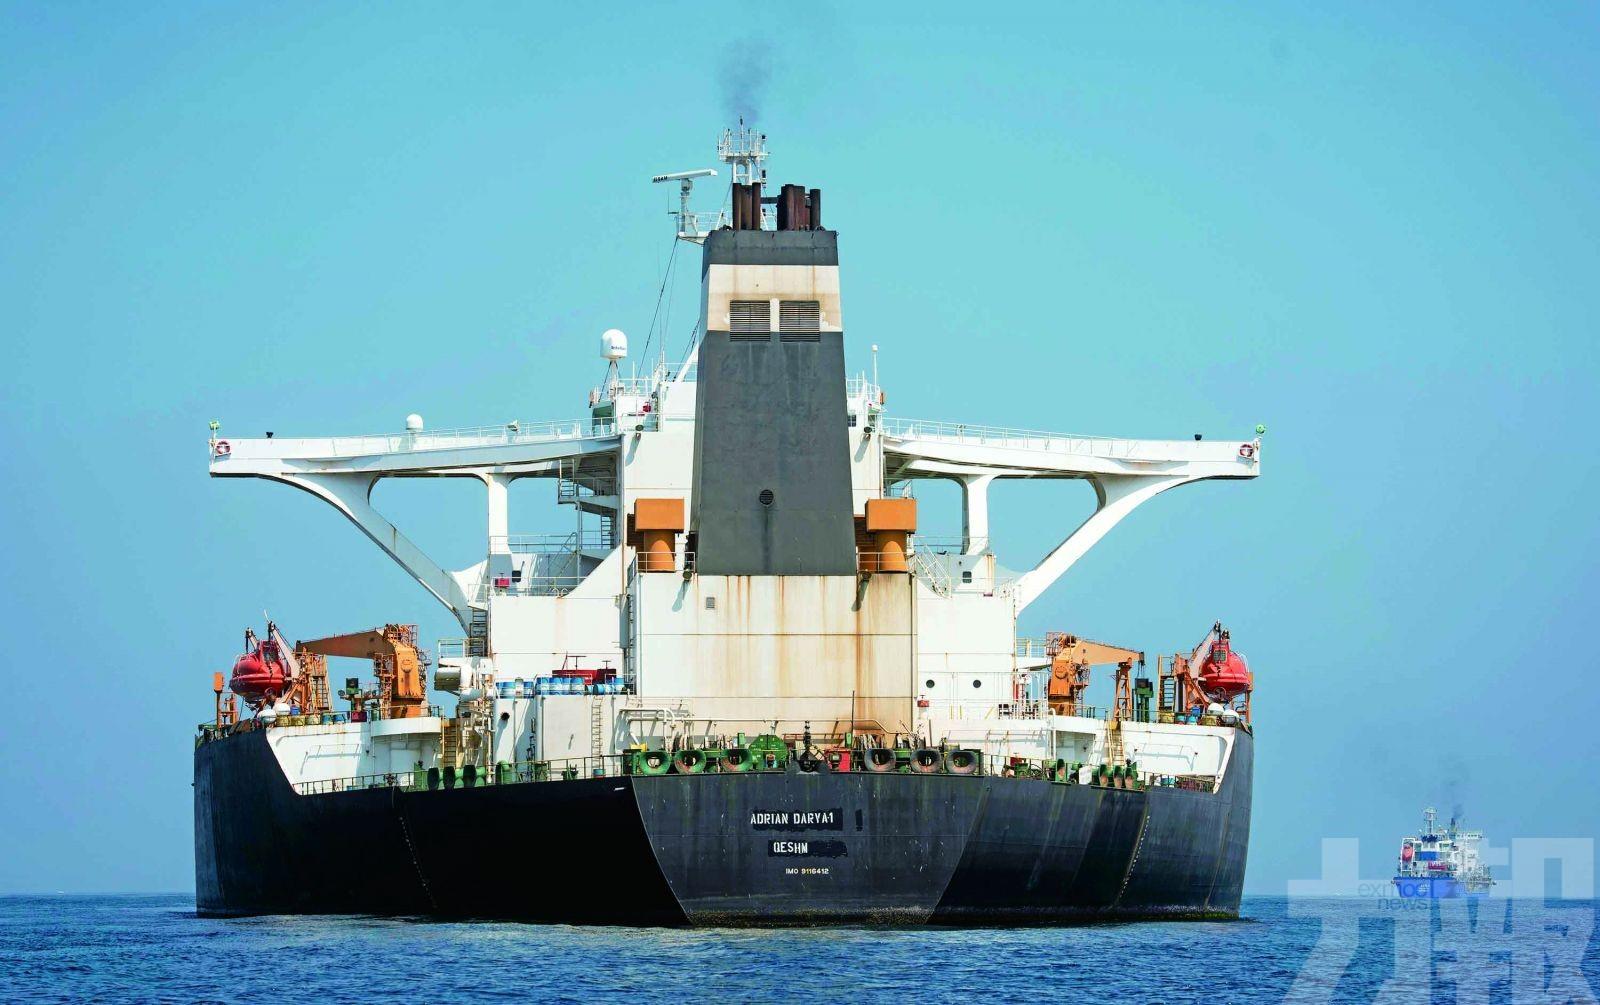 伊朗油輪駛離直布羅陀